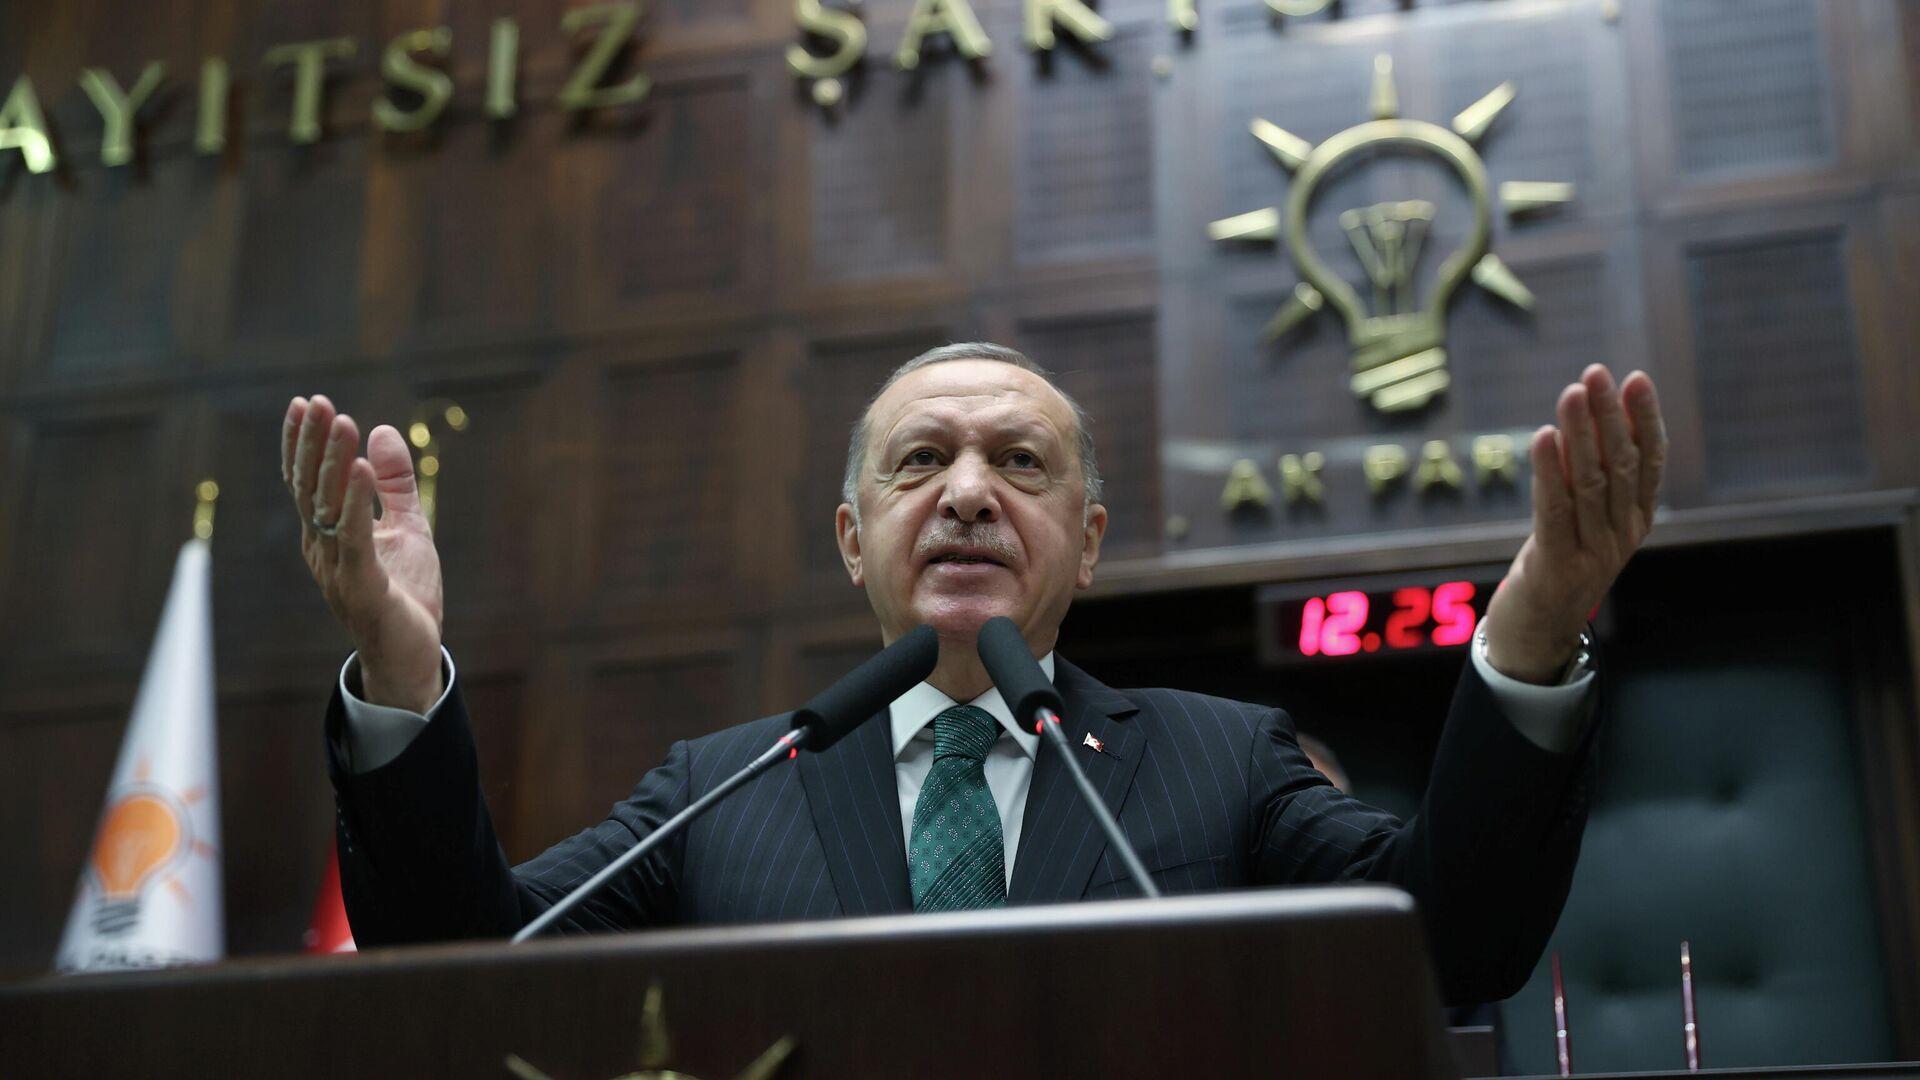 El presidente de Turquía, Recep Tayyip Erdogan - Sputnik Mundo, 1920, 17.05.2021